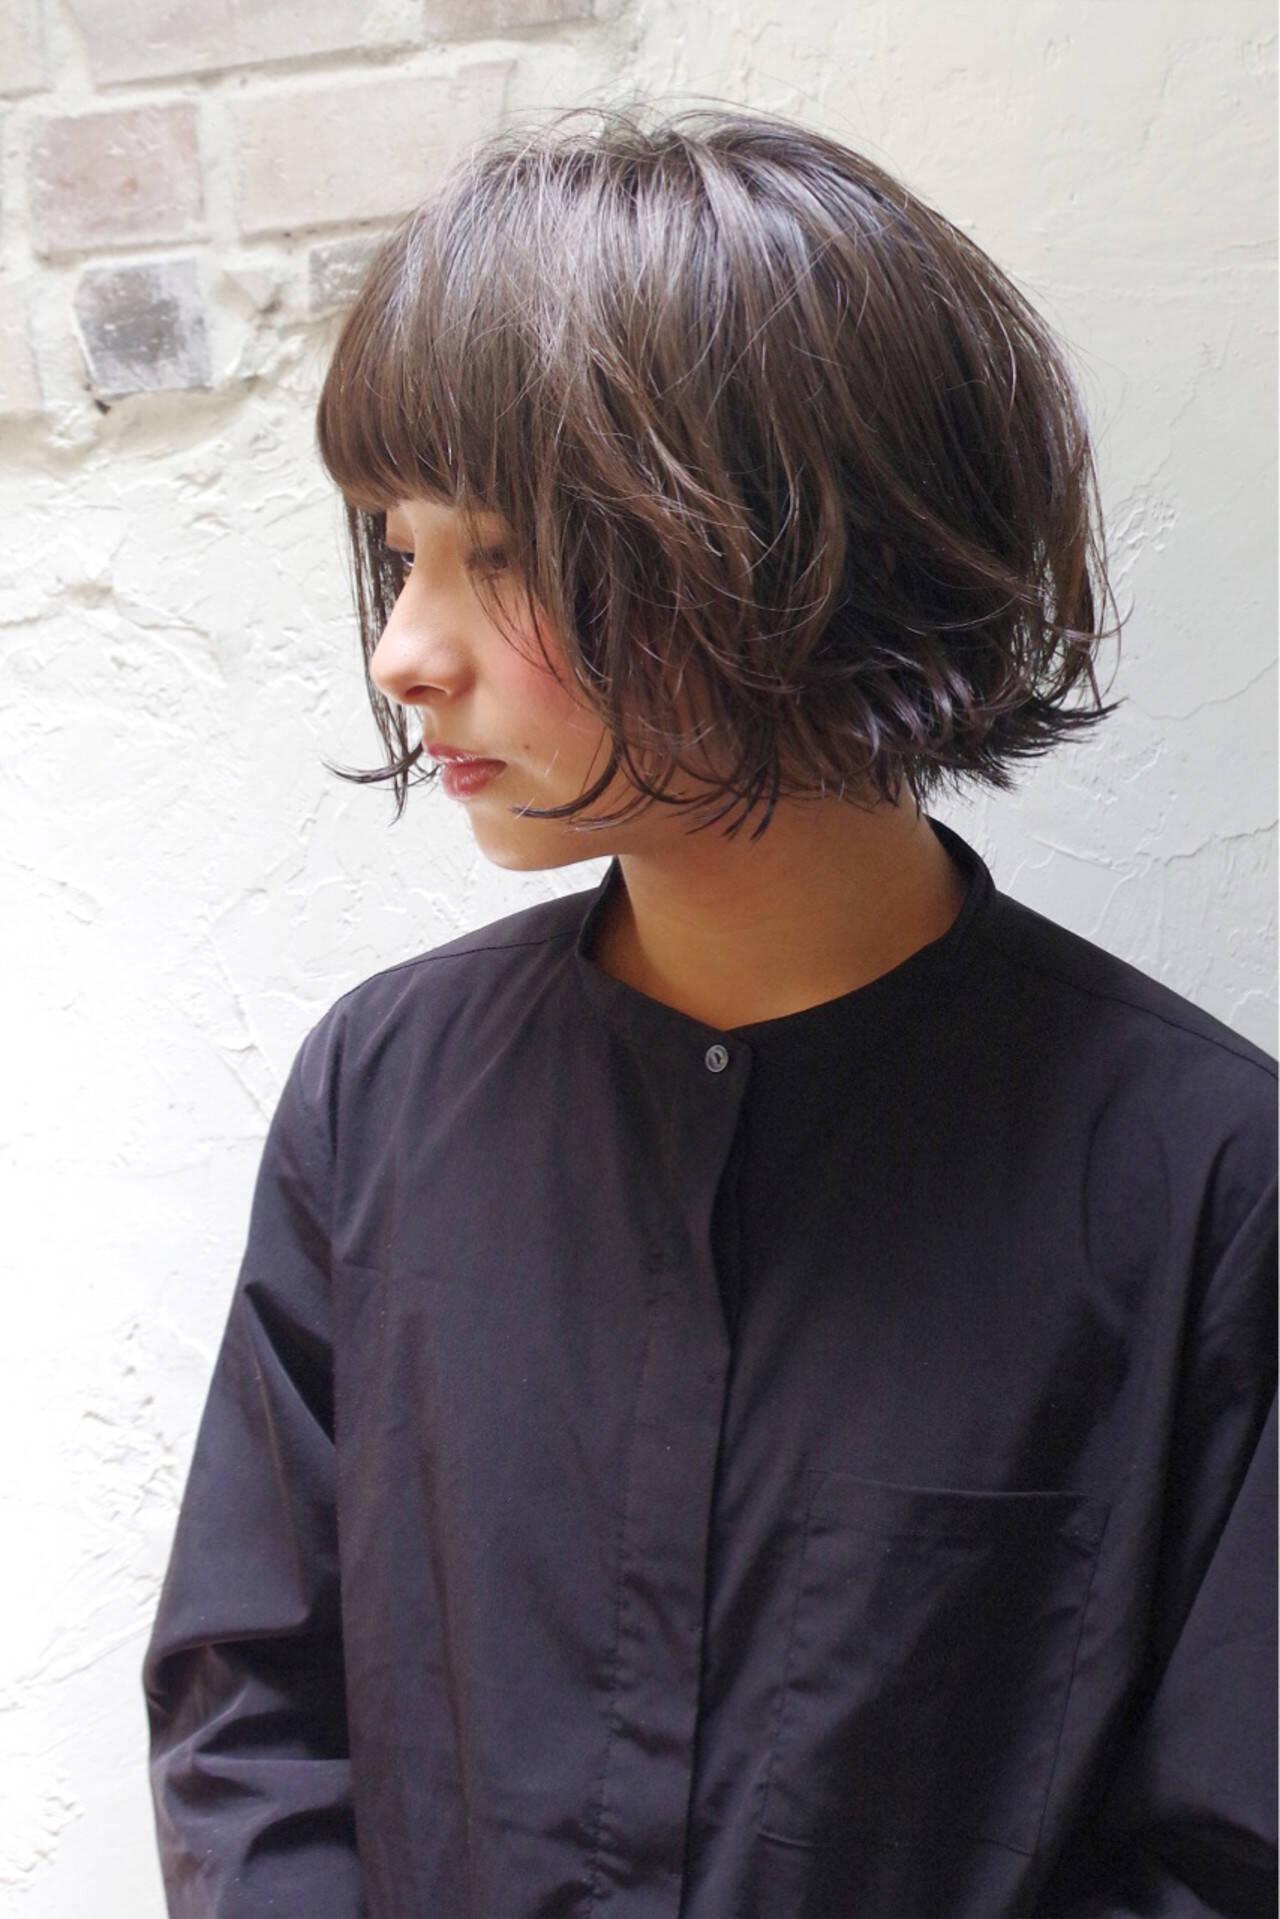 ナチュラル ボブ 前髪あり 大人かわいいヘアスタイルや髪型の写真・画像